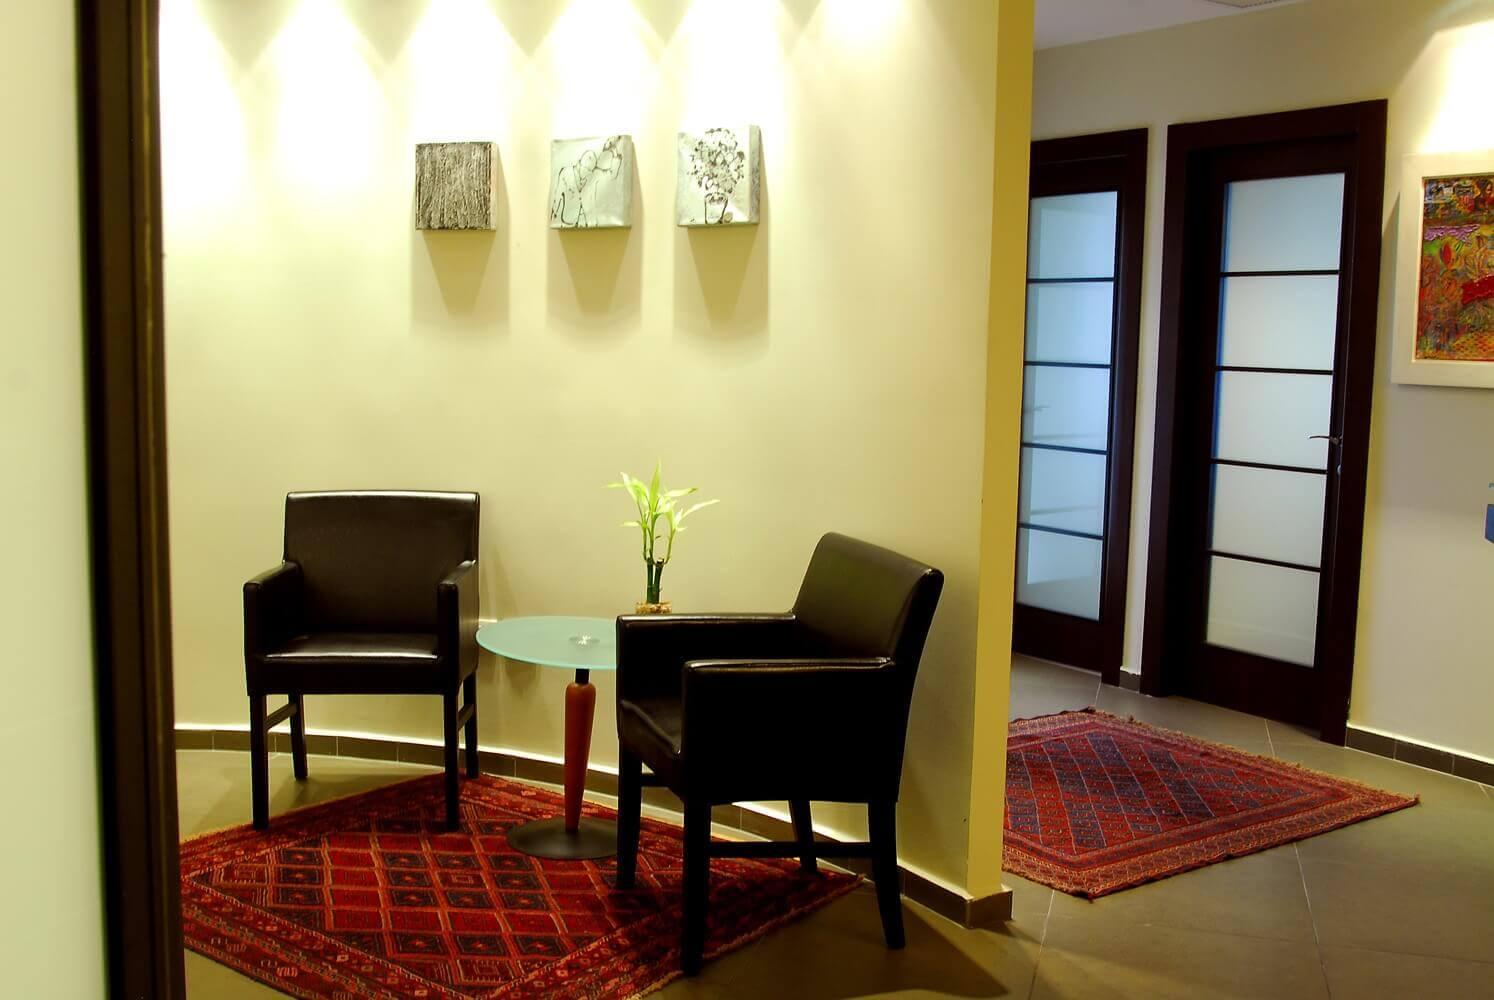 תמונות עיצוב משרד